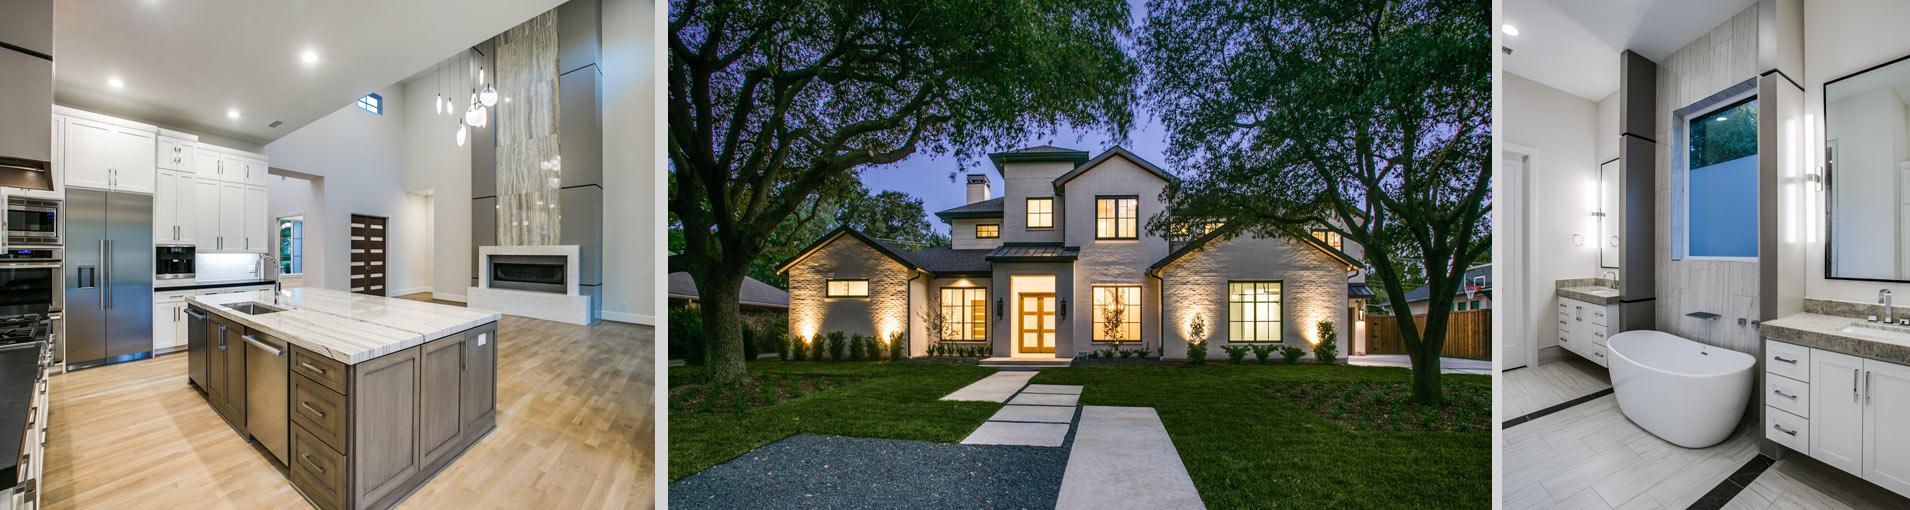 New Custom Built Home by Desco Fine Homes in the Preston Hollow area of Dallas.